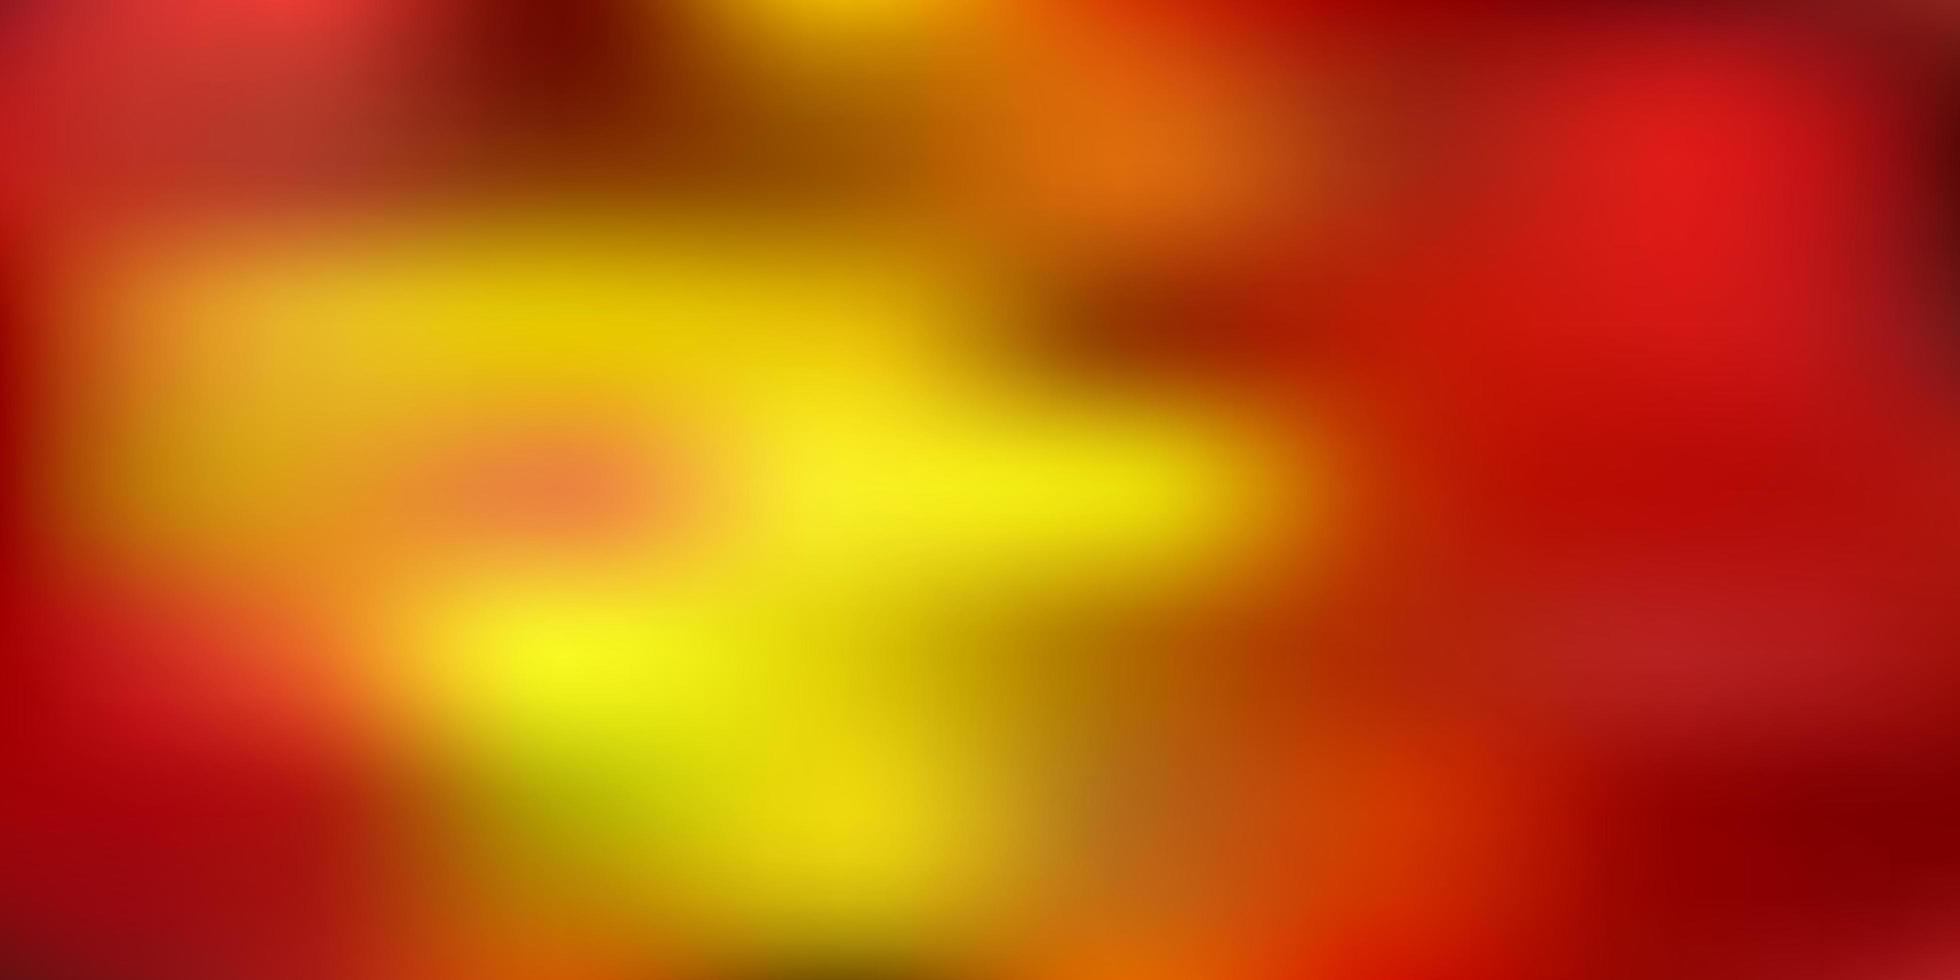 mörk röd, gul vektor gradient oskärpa konsistens.